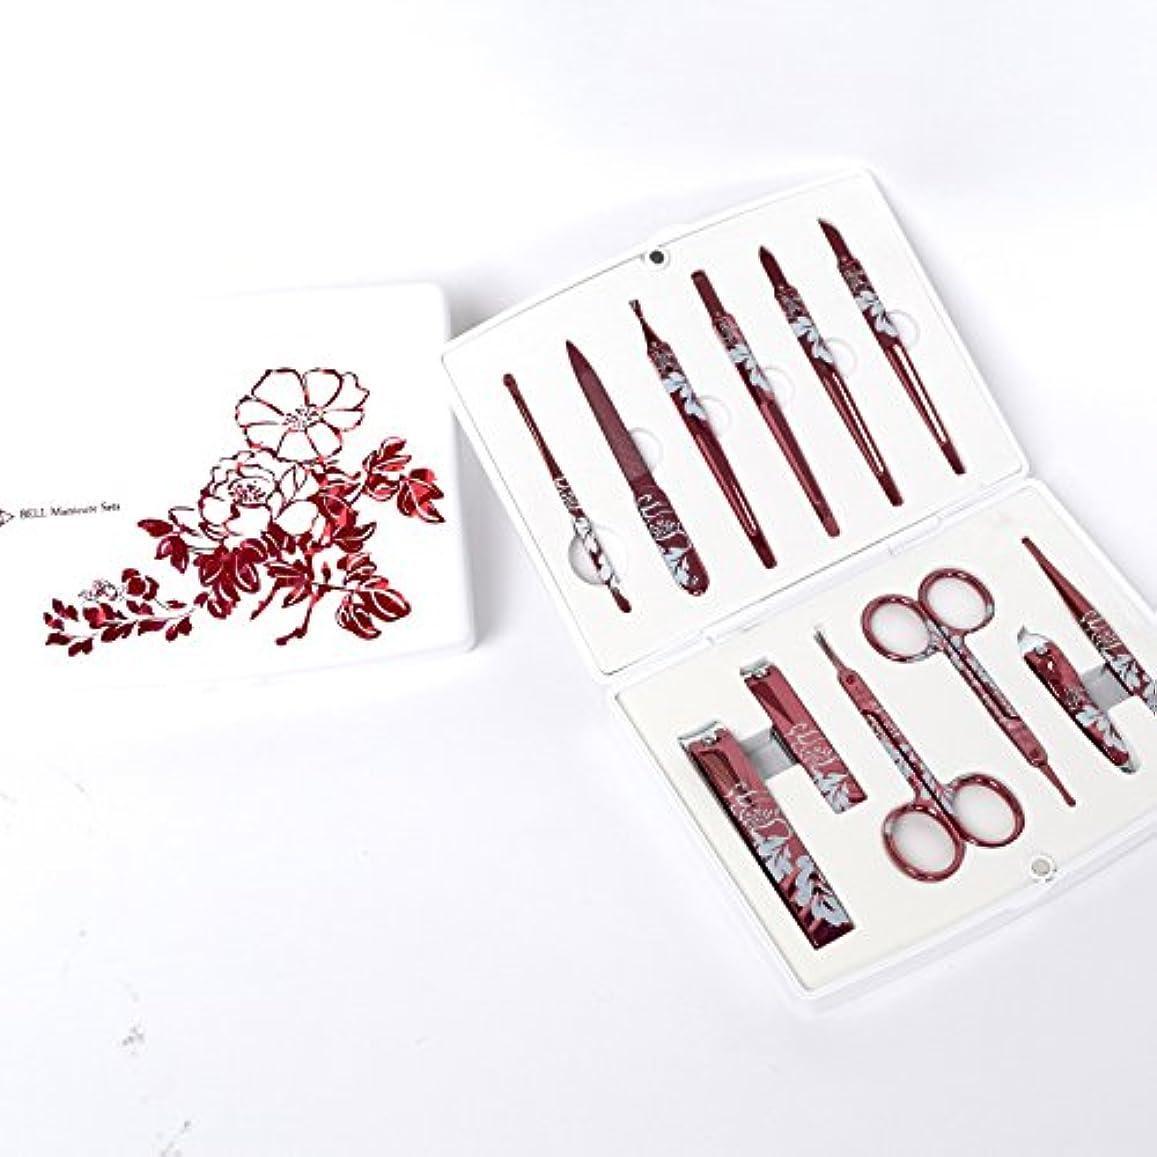 拒絶選挙シガレットBELL Manicure Sets BM-500A ポータブル爪の管理セット 爪切りセット 高品質のネイルケアセット高級感のある東洋画のデザイン Portable Nail Clippers Nail Care Set